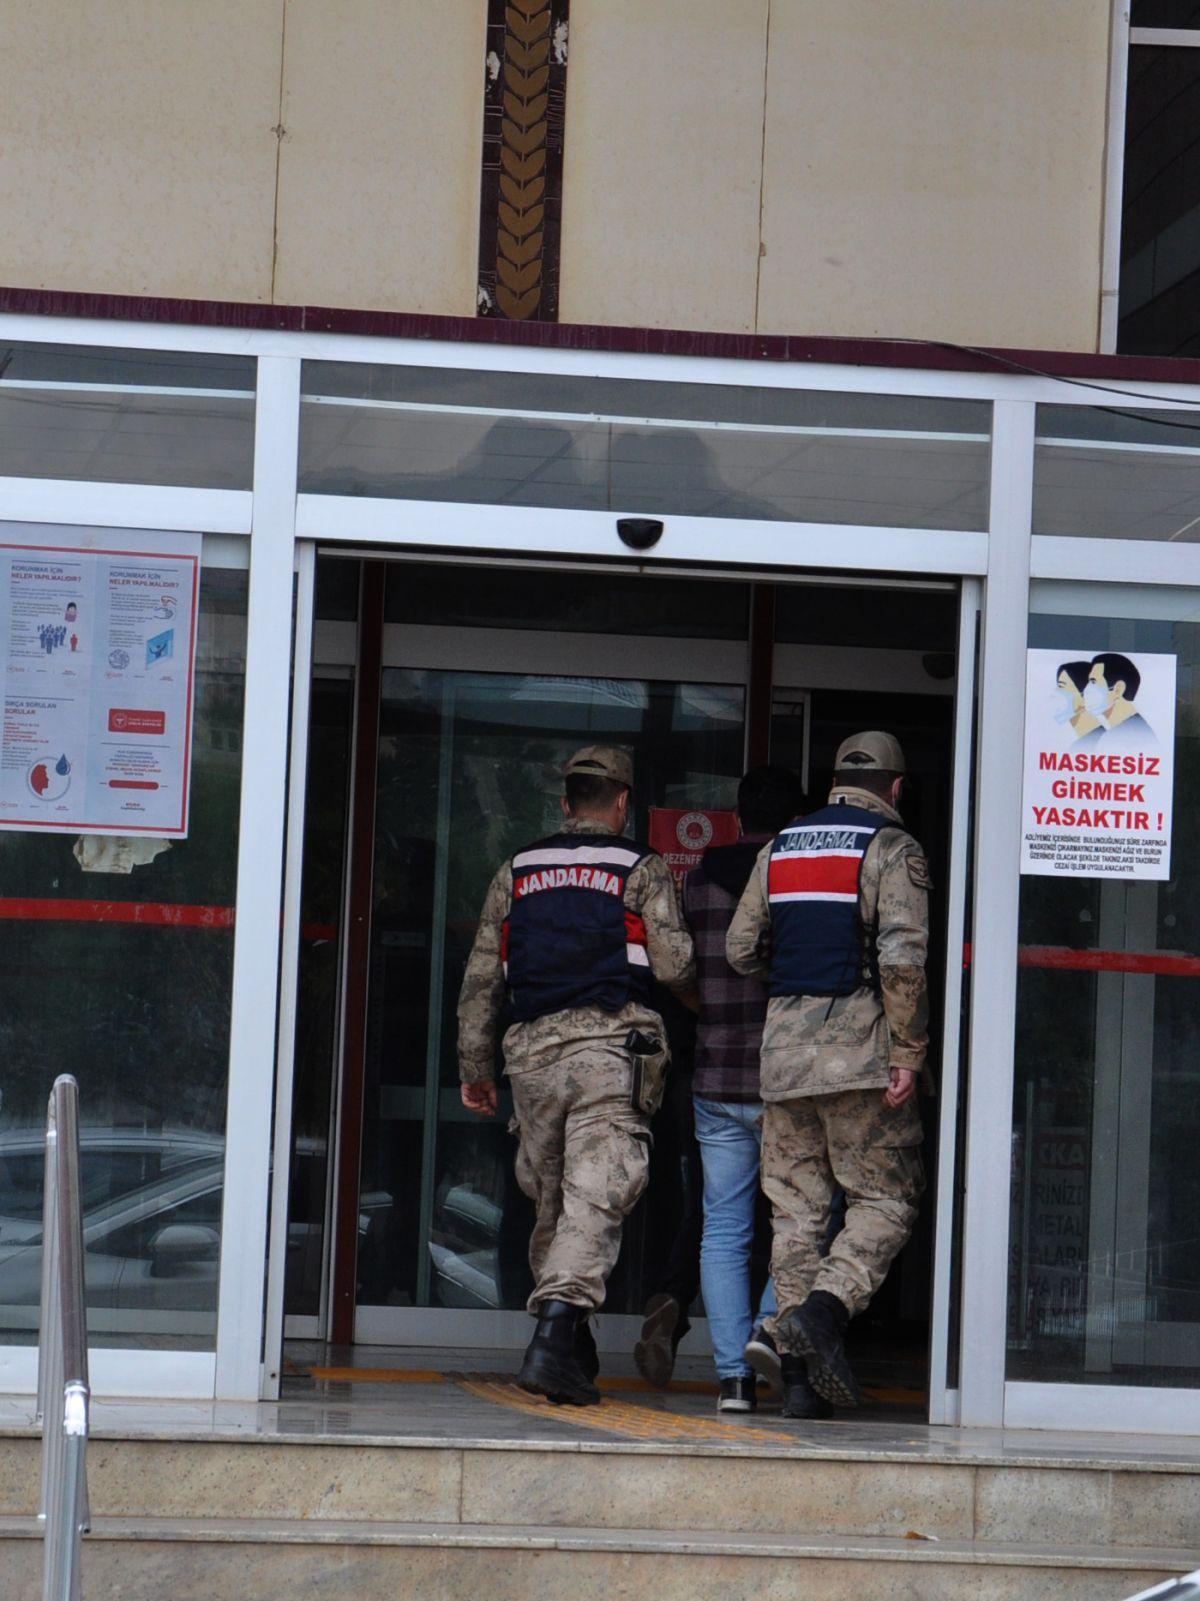 Gaziantep te 30 bin liralık eşya ve otomobil çaldı #3